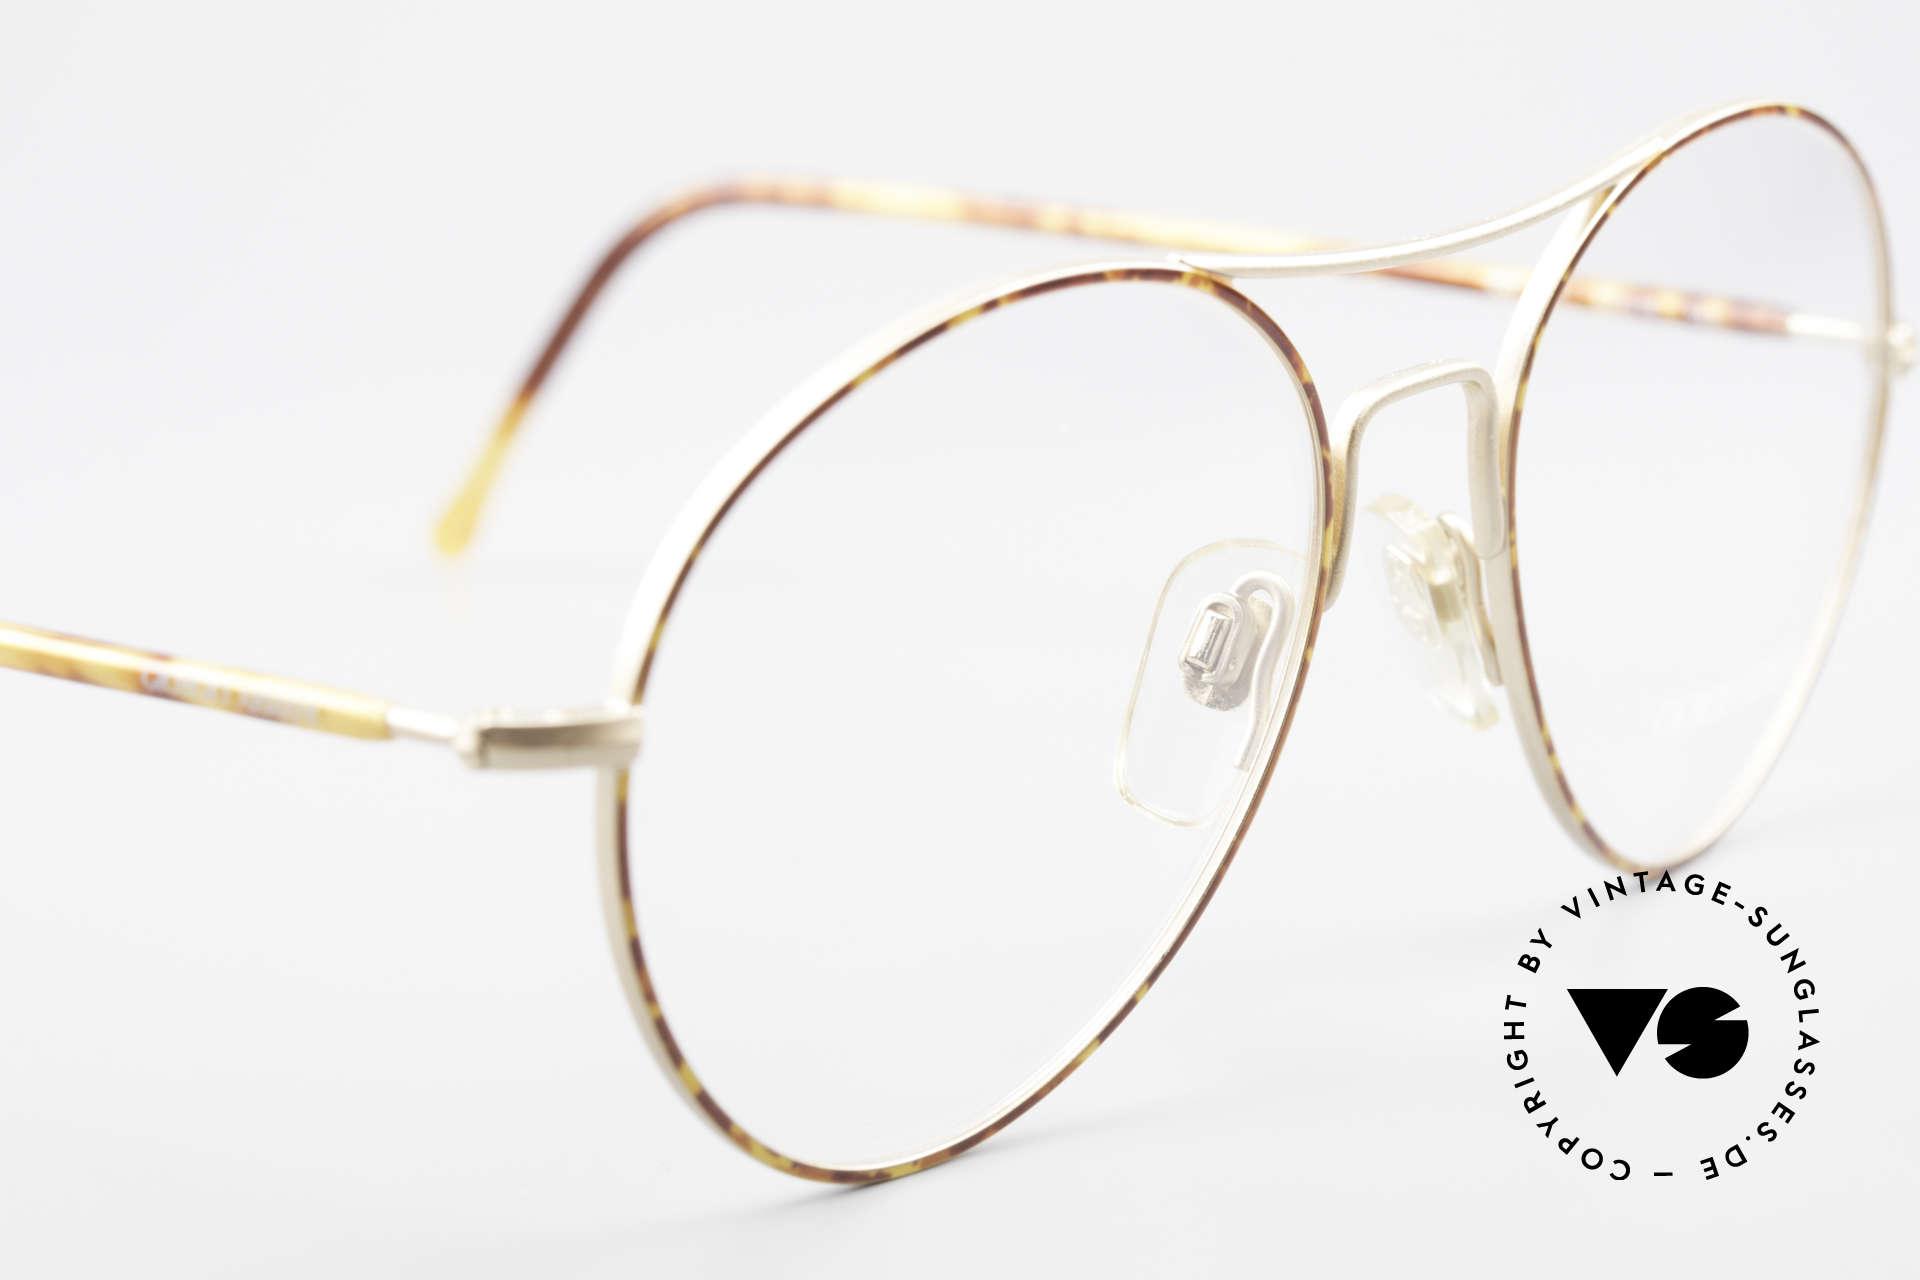 Giorgio Armani 120 Vintage Aviator Brille Herren, ungetragen (wie all unsere 1980er Jahre Klassiker), Passend für Herren